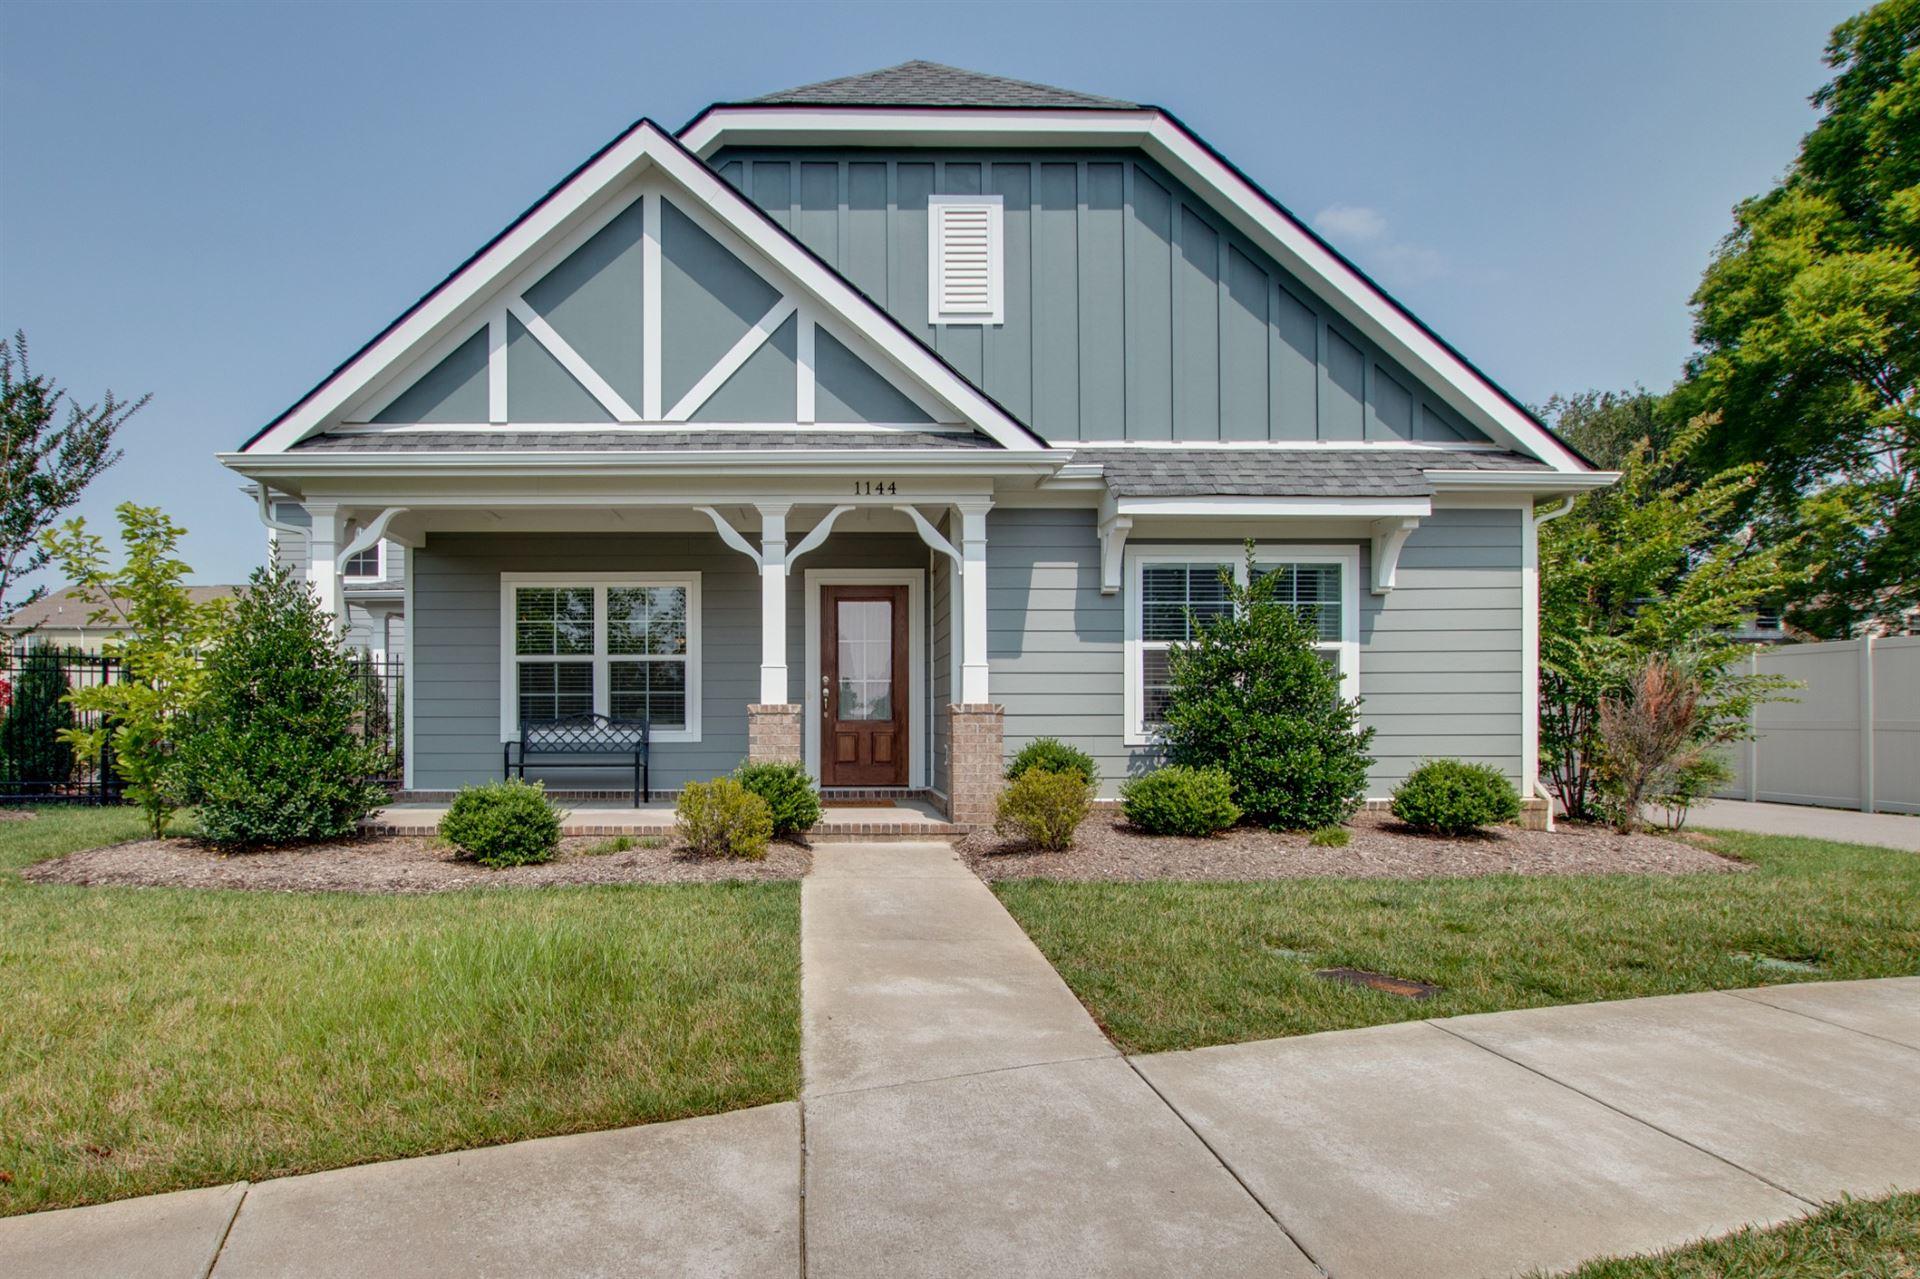 1144 Charleston Blvd, Murfreesboro, TN 37130 - MLS#: 2275199